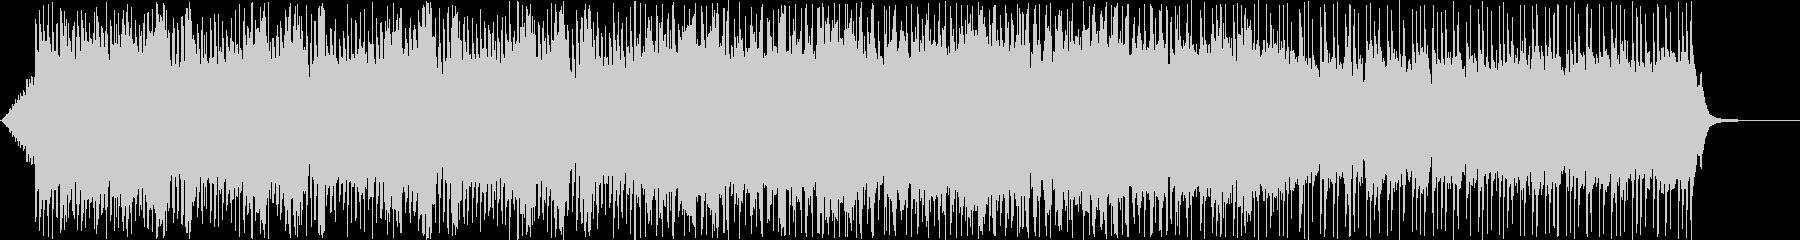 テクノのような電子音で疾走感のある音楽の未再生の波形